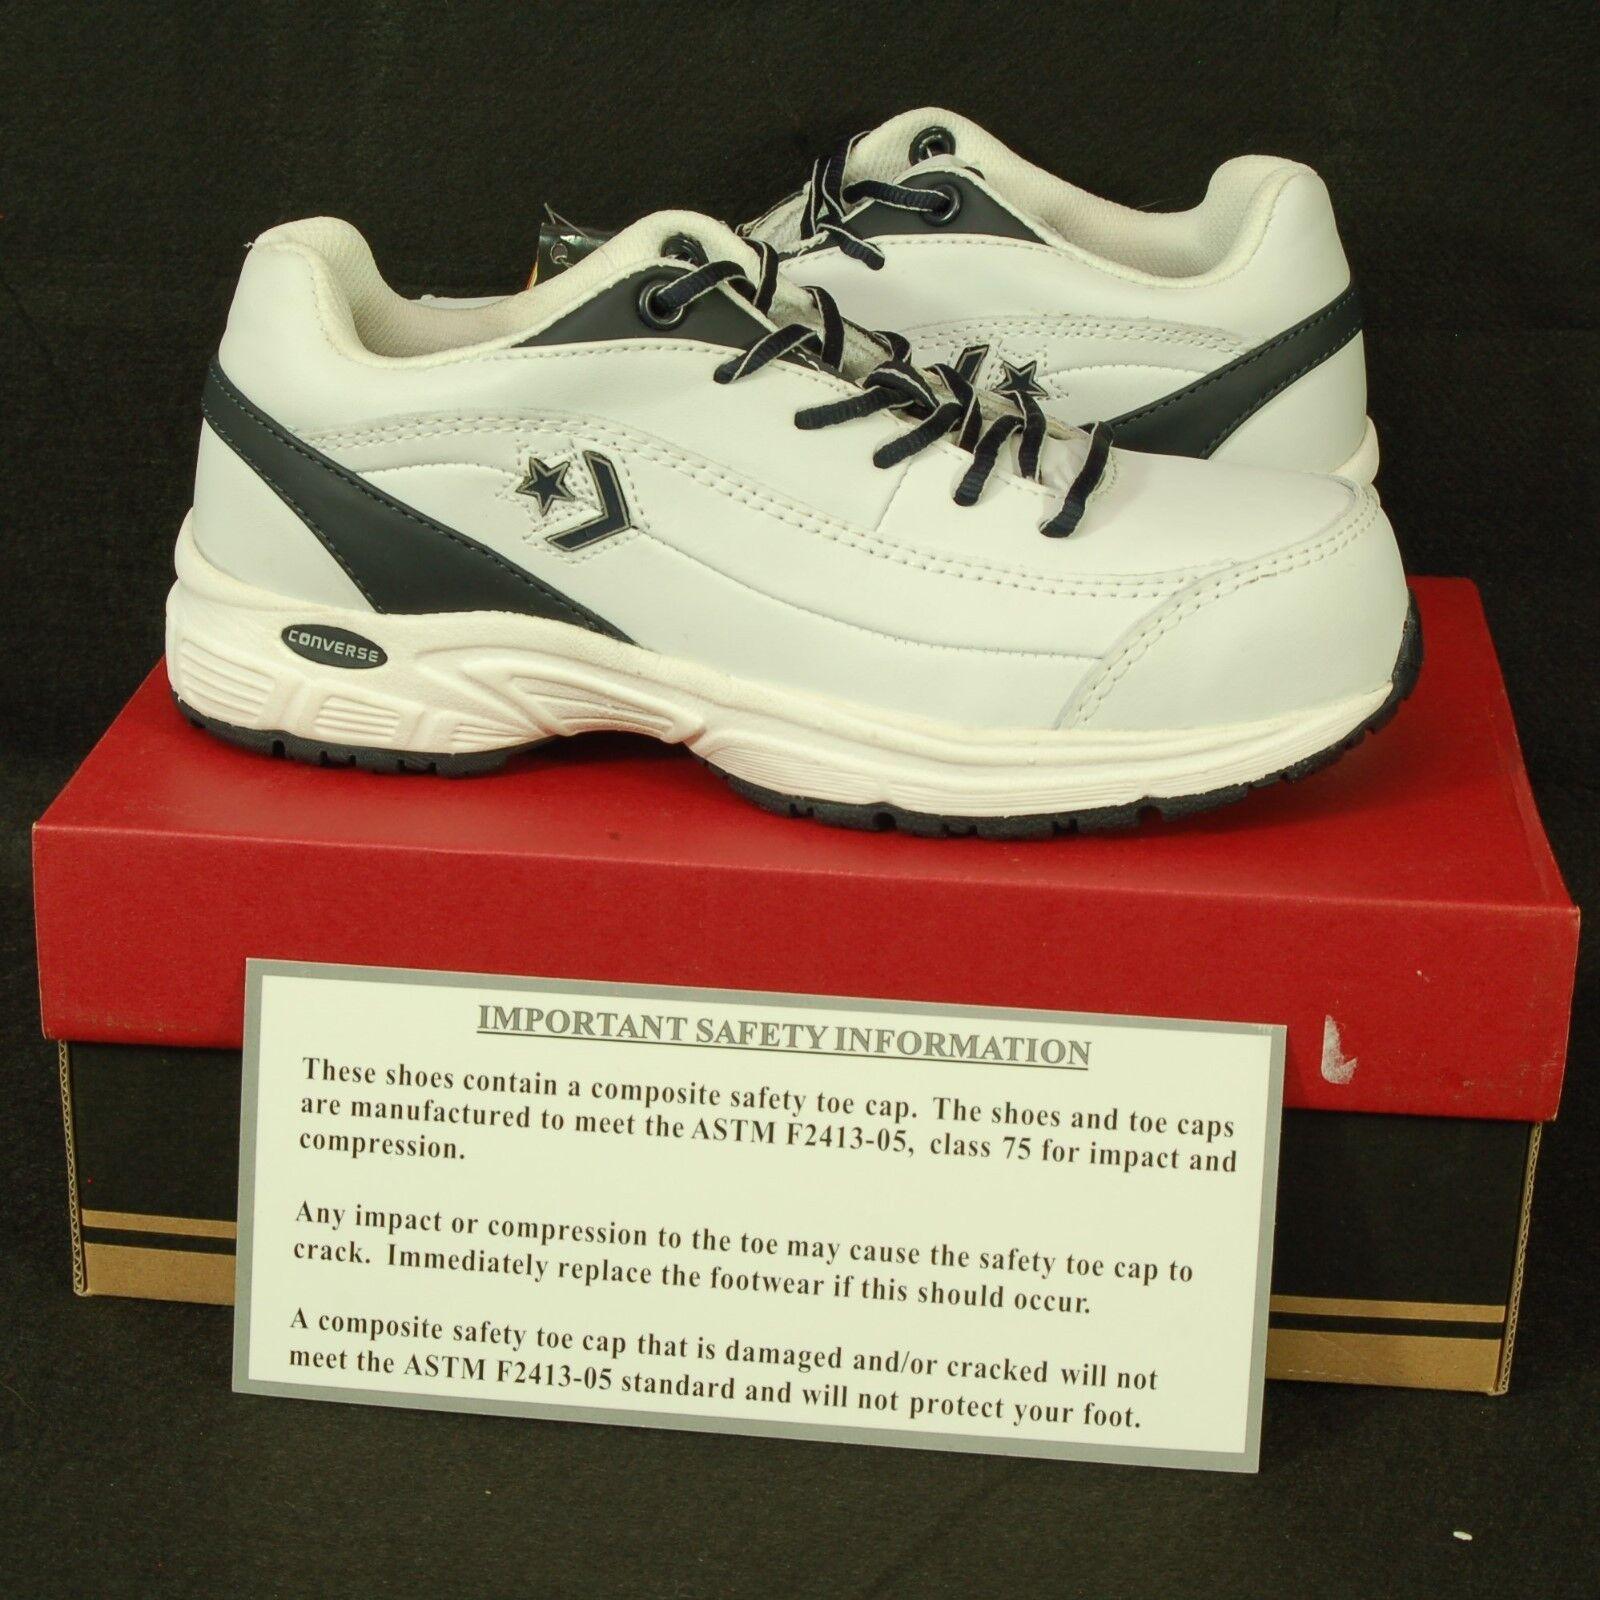 Converse cuero De blanco Puntera De cuero Acero Zapatos  para hombre 6 W Zapatillas De Trabajo Unisex C4500 e787cc